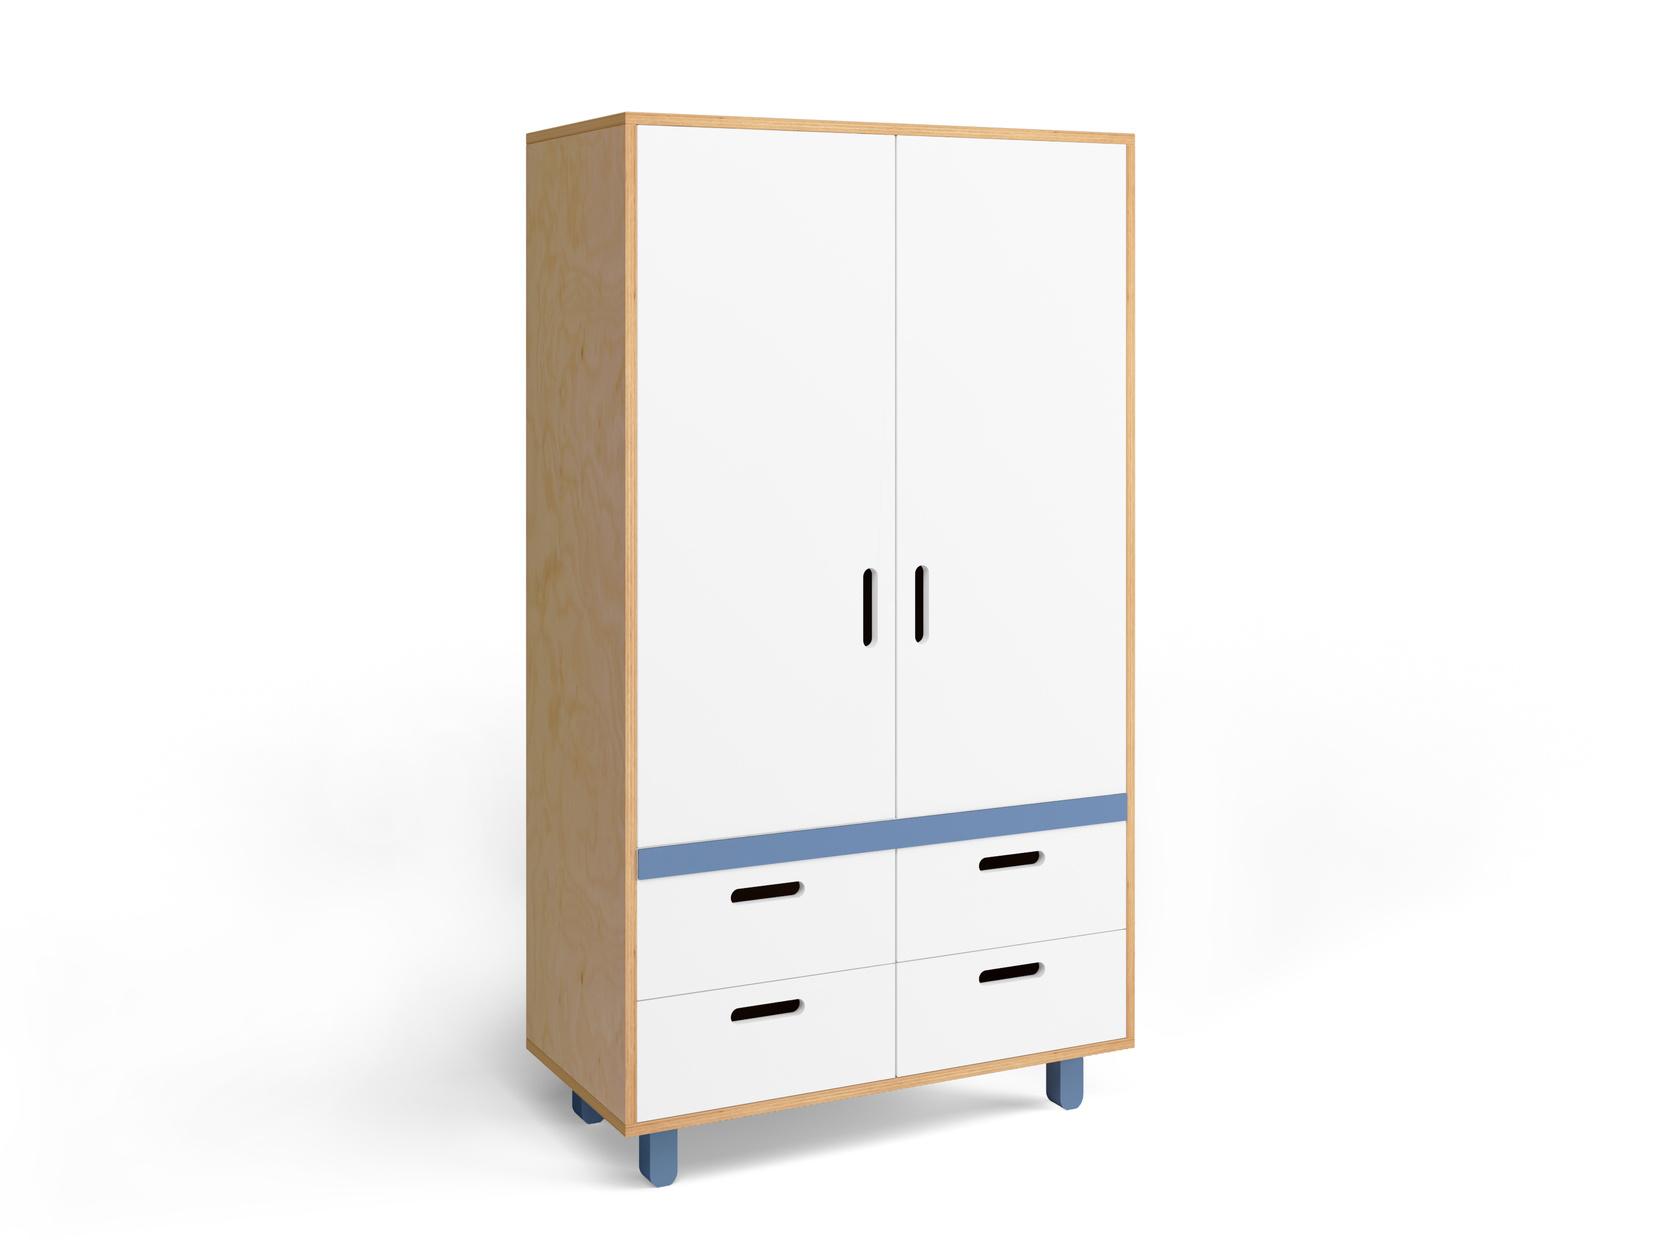 Русский дизайн: новая коллекция мебели PlayPly (галерея 7, фото 2)